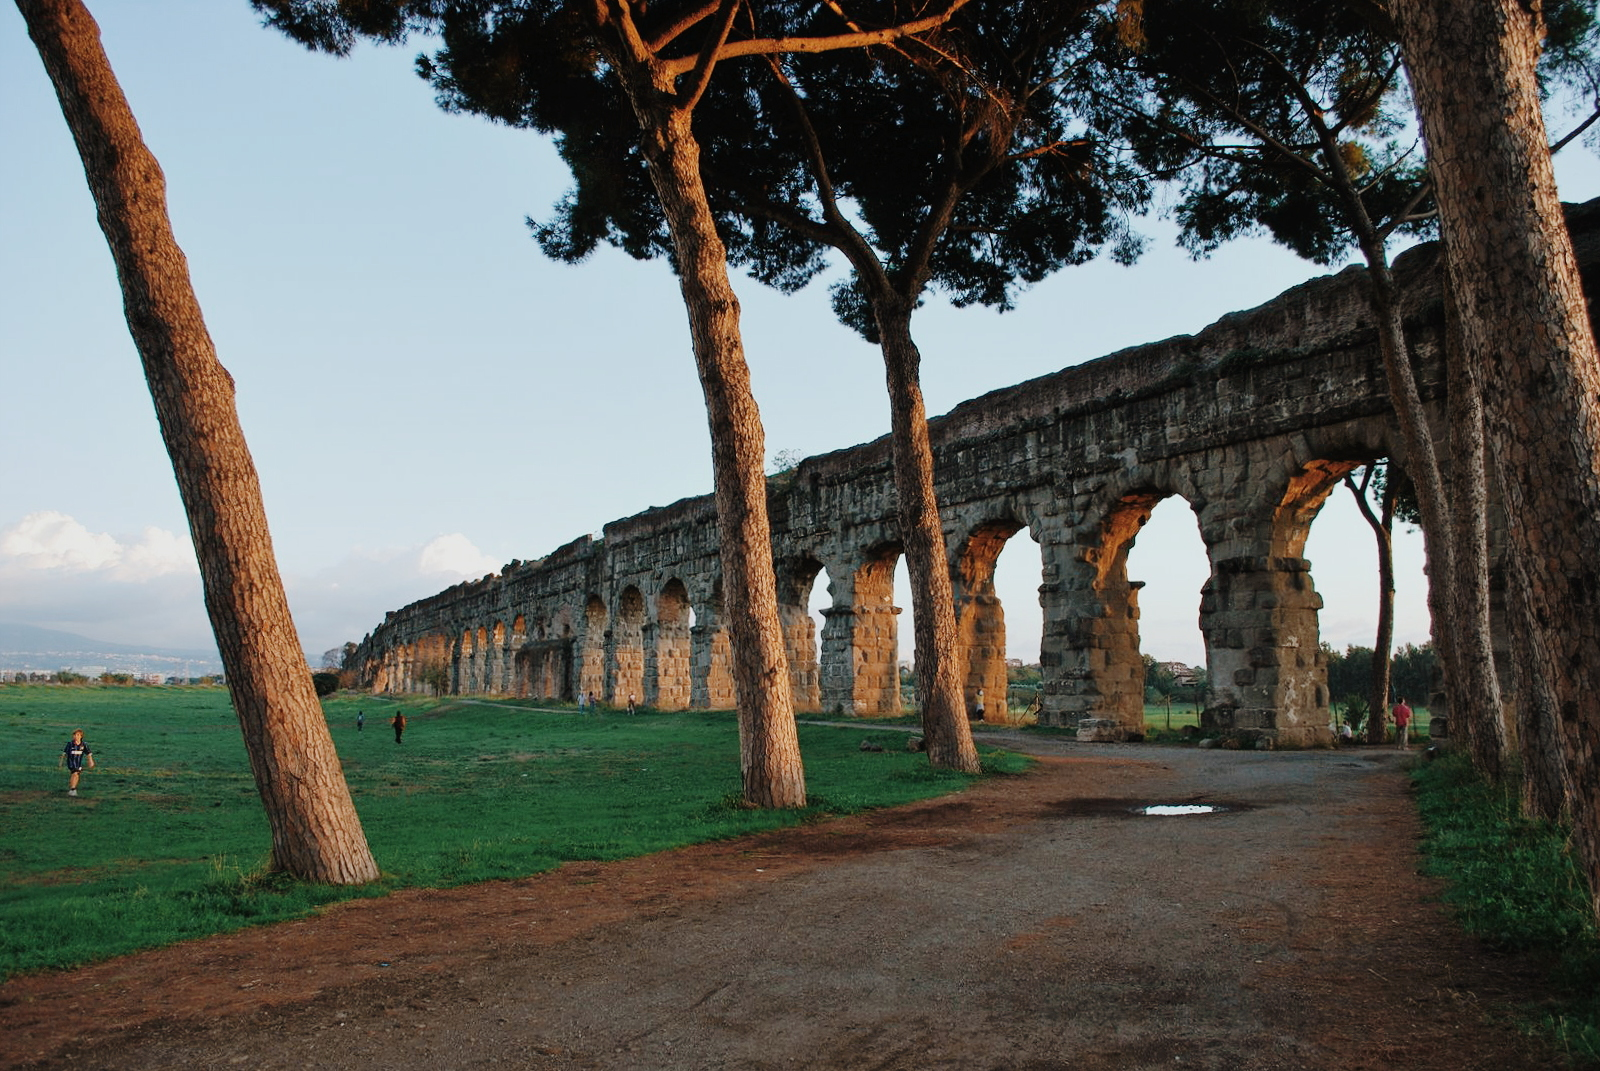 Parco Degli Acquedotti, Rome, Italy, travel